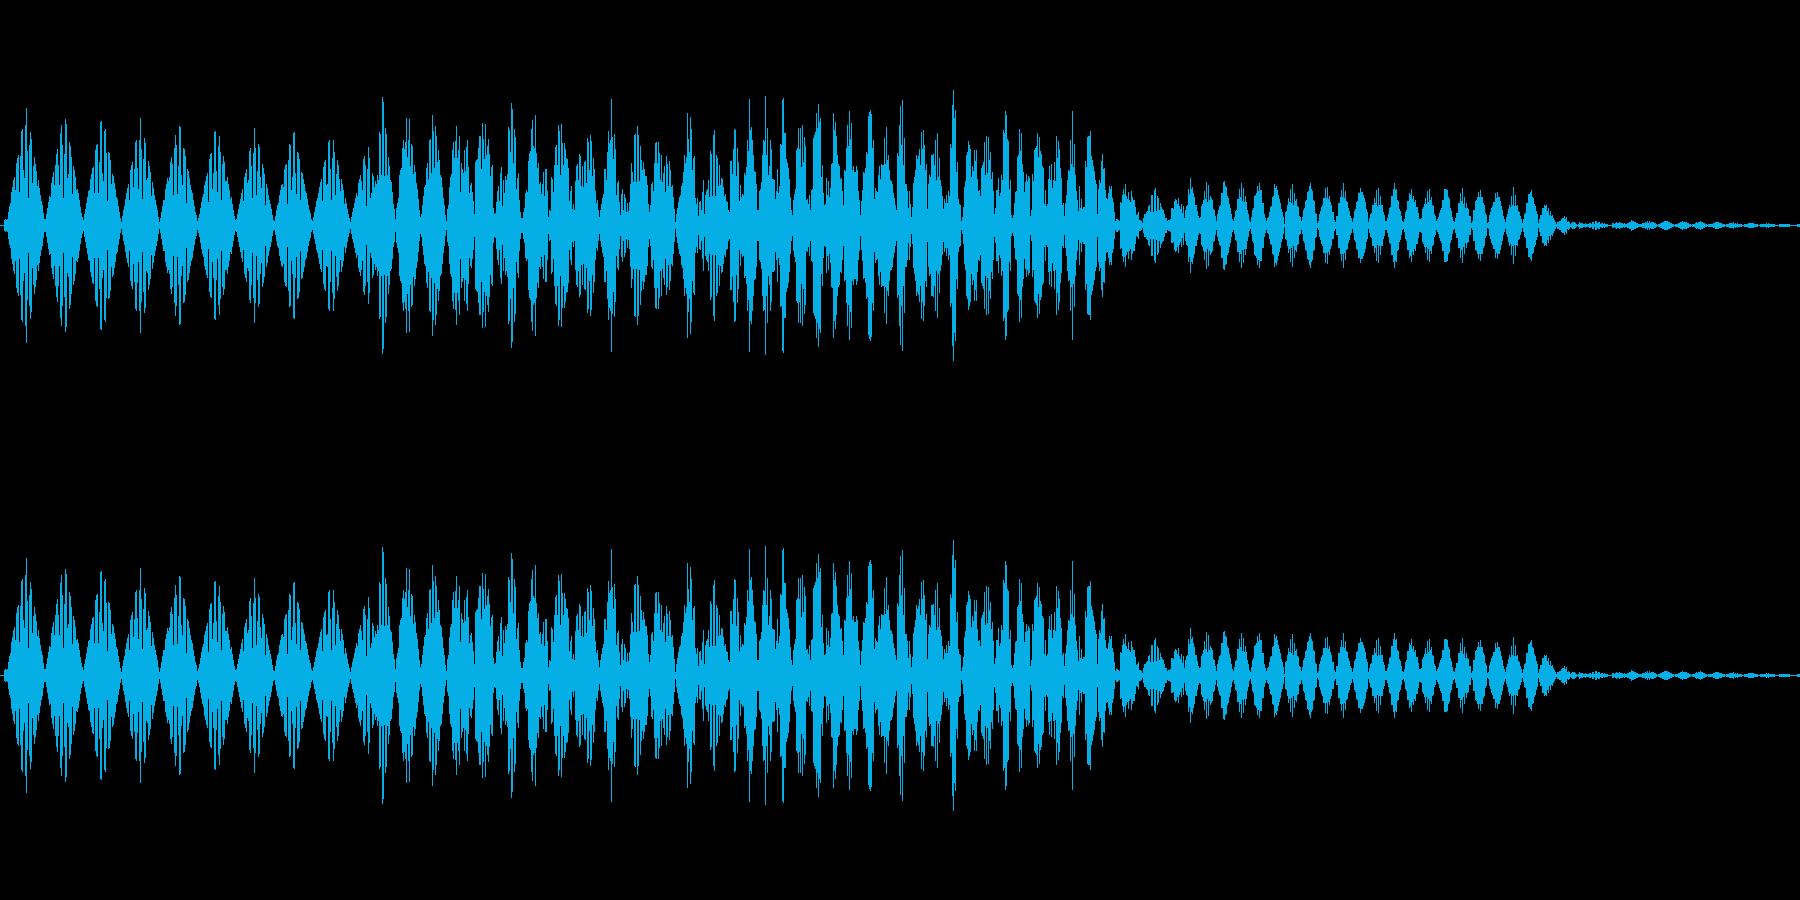 ボタン決定音システム選択タッチ登録C01の再生済みの波形